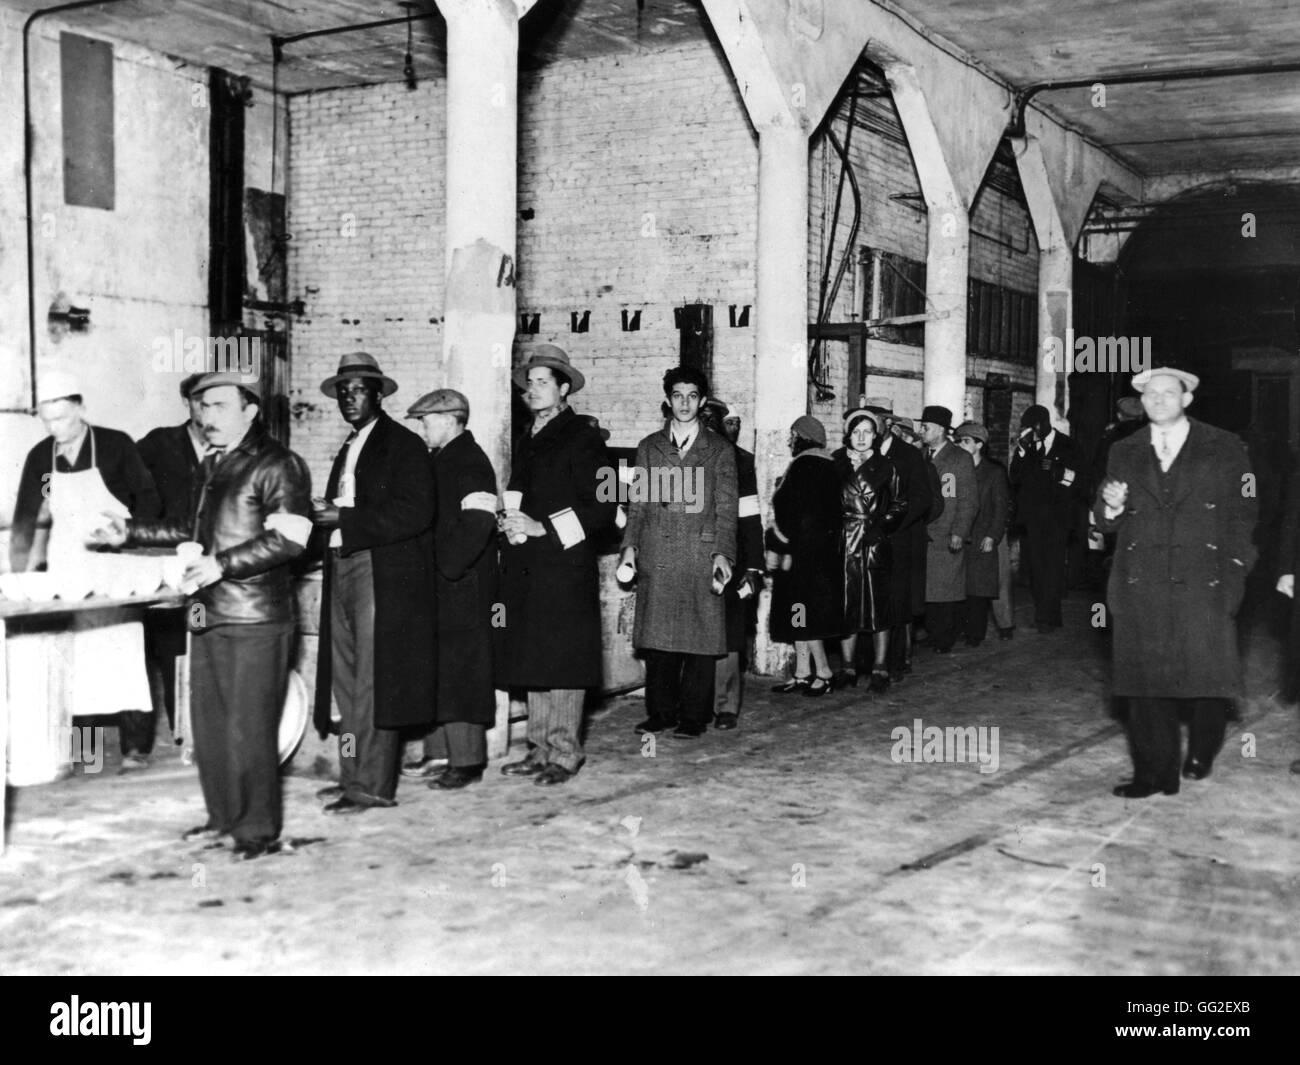 L'Esercito della Salvezza alimentando i disoccupati durante la Grande Depressione c.1929-1930 Stati Uniti d'America Immagini Stock